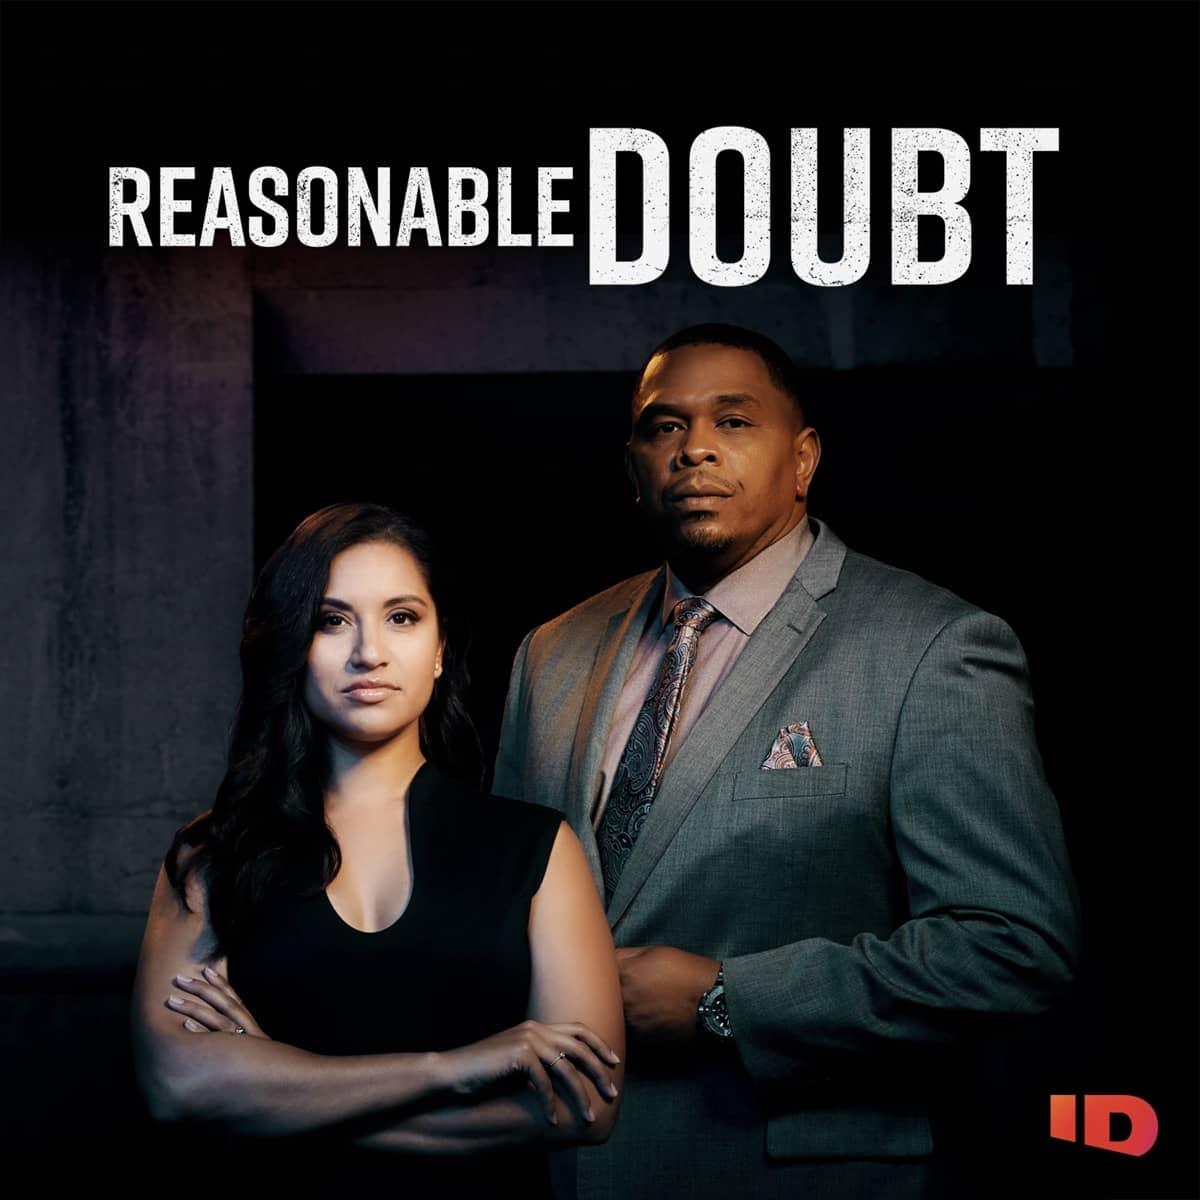 IDs 22Reasonable Doubt22